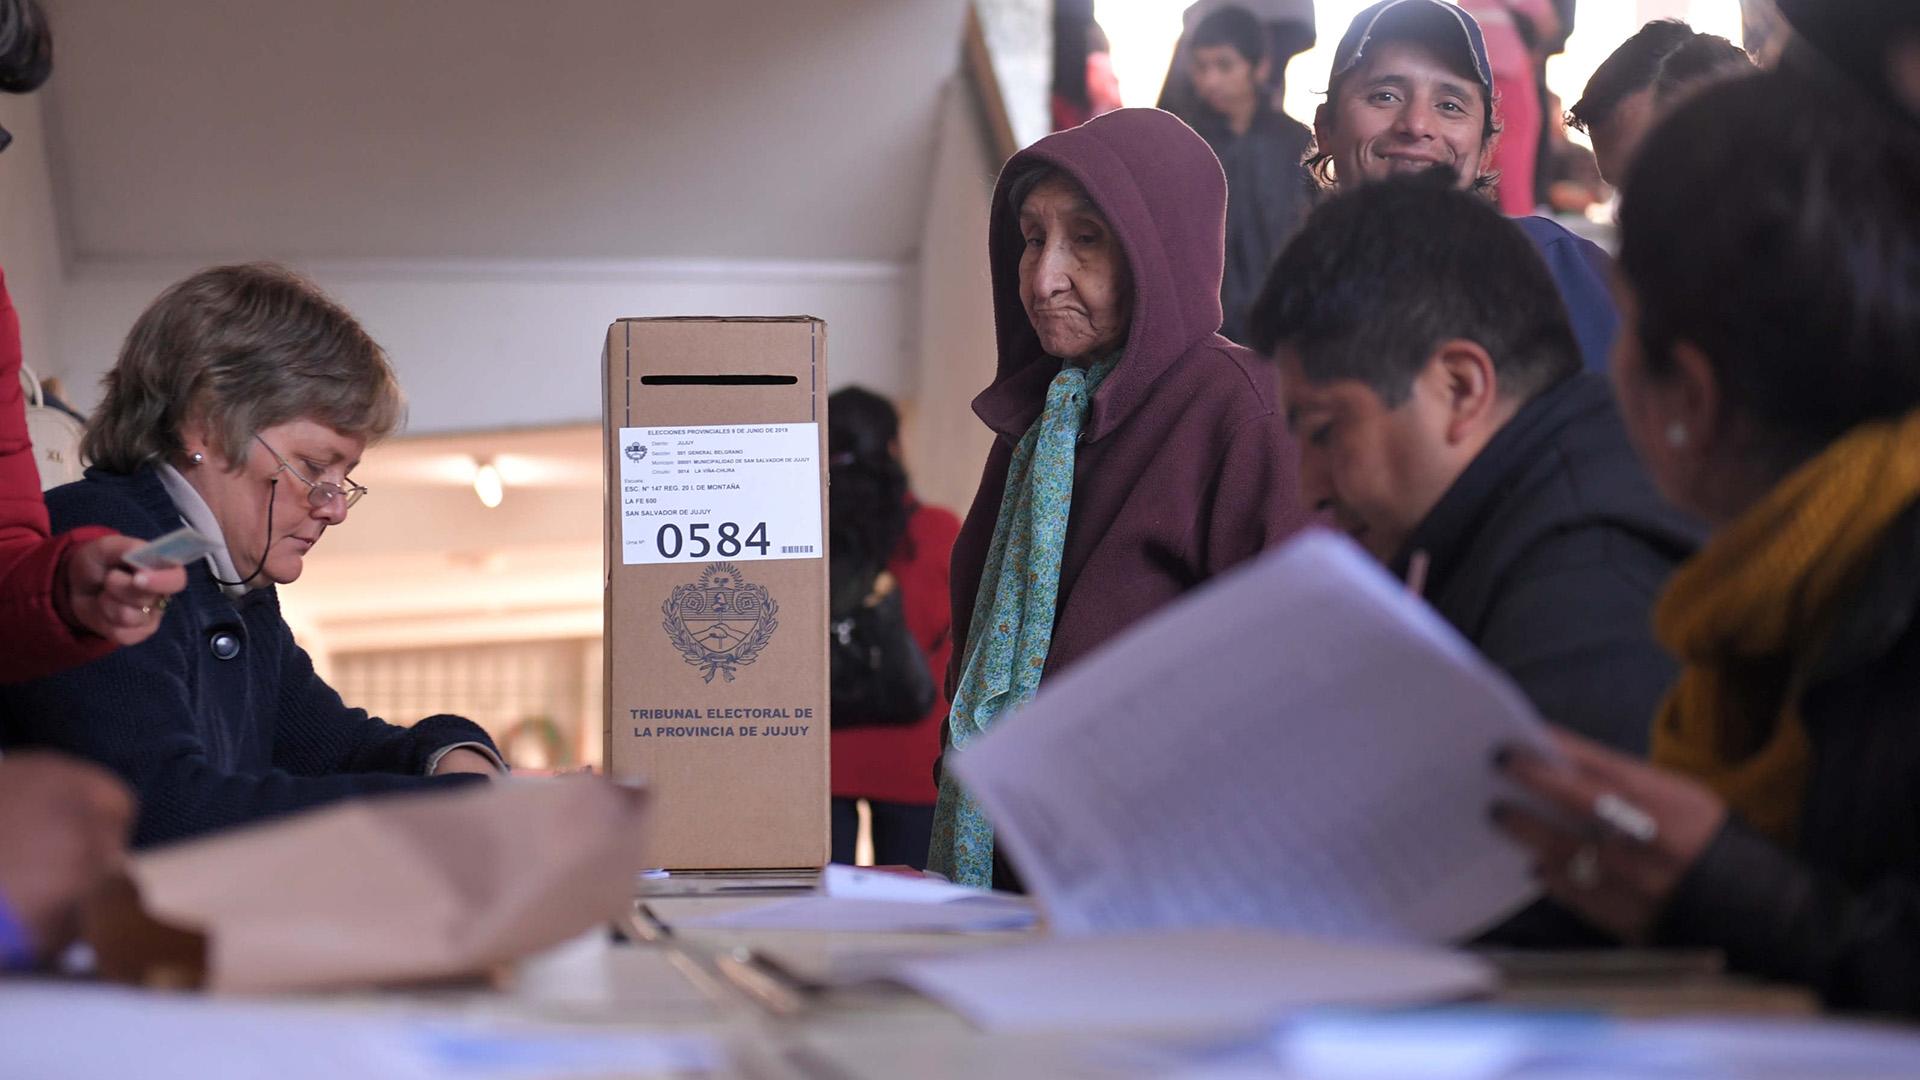 Mesa de votación en Jujuy: el gobernador Morales va por la reelección